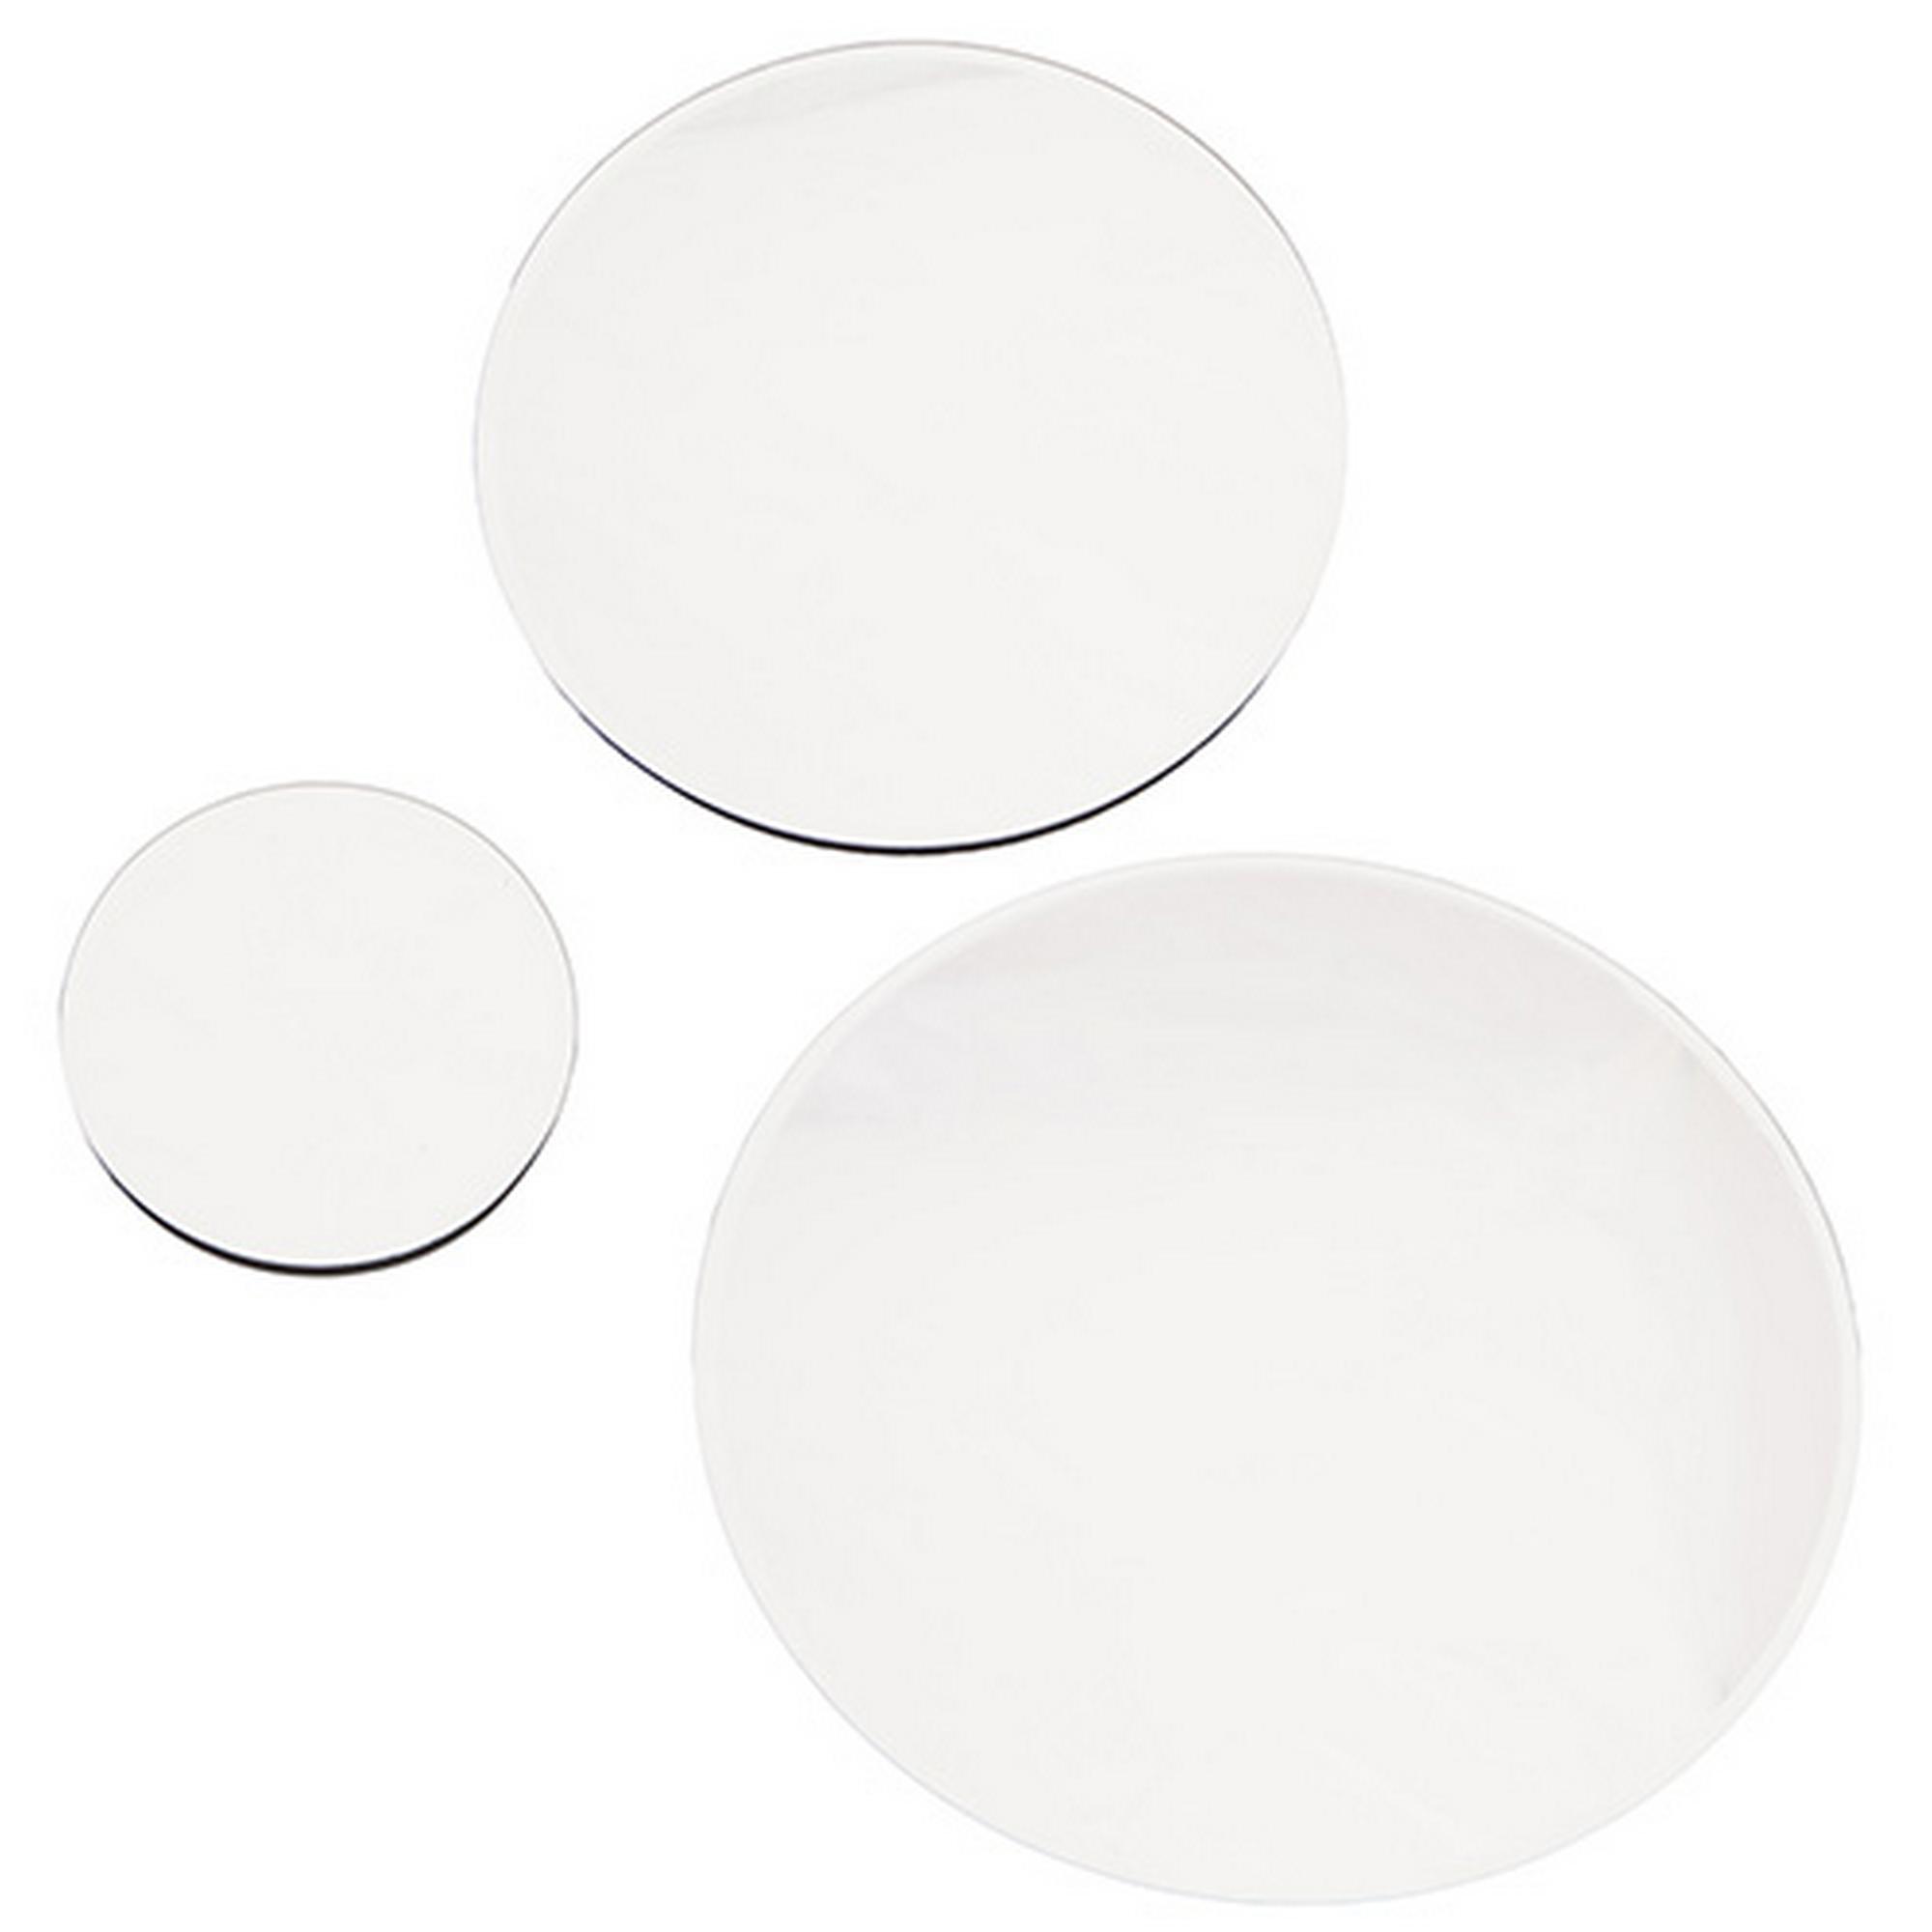 Grande assiette de table de mariage rond miroir 30cm 20cm for Miroir rond grand diametre